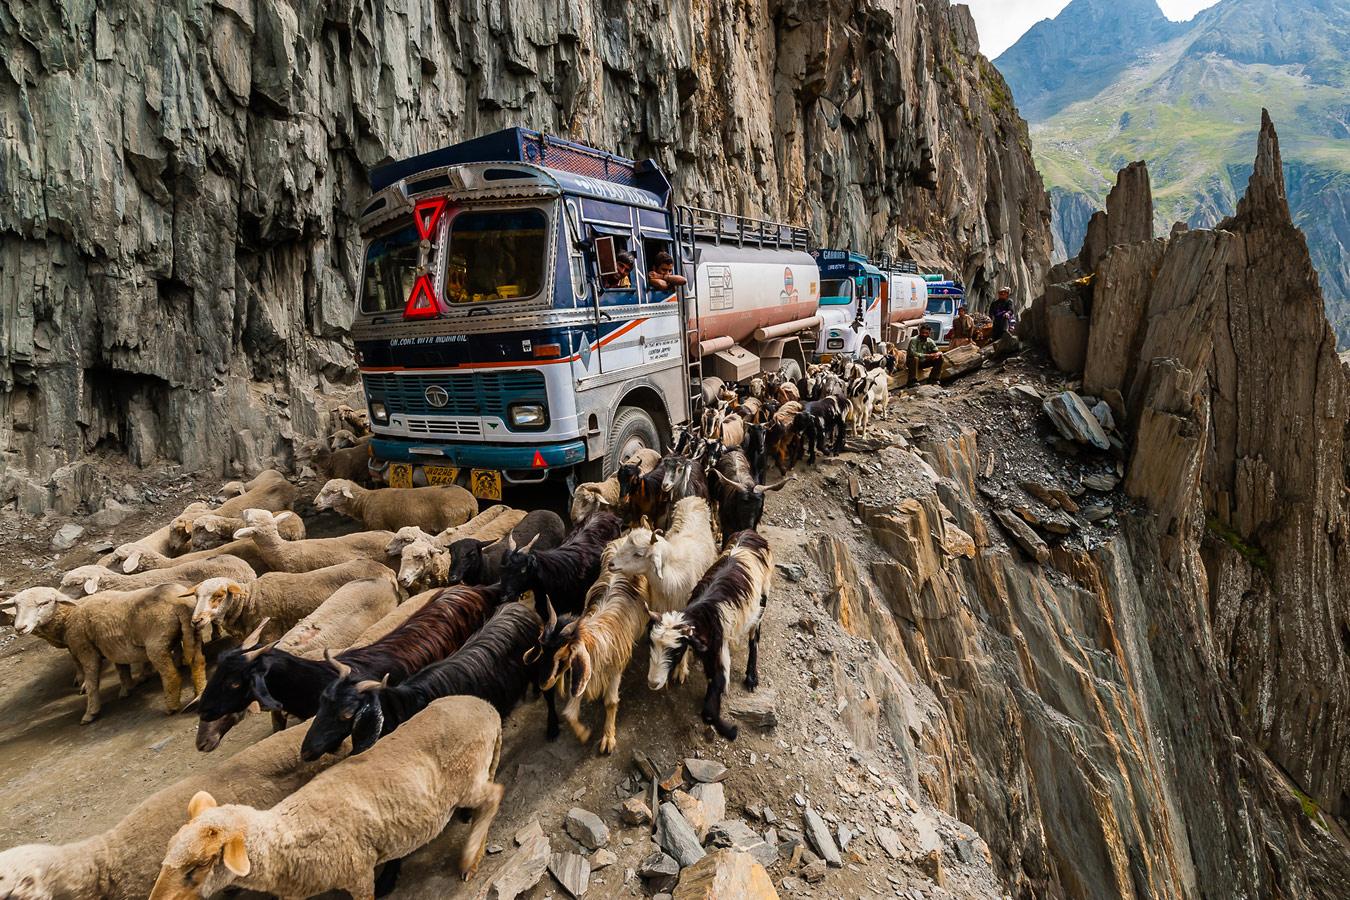 Зоджи-Ла, Кашмир: один из самых опасных дорог в мире, © Блейн Харрингтон Лии, Литтлтон, США, Первое место в категории «Спонтанные моменты», профессионал, Гран-при конкурса, Фотоконкурс экстремальных путешествий «Мир в фокусе» — World In Focus